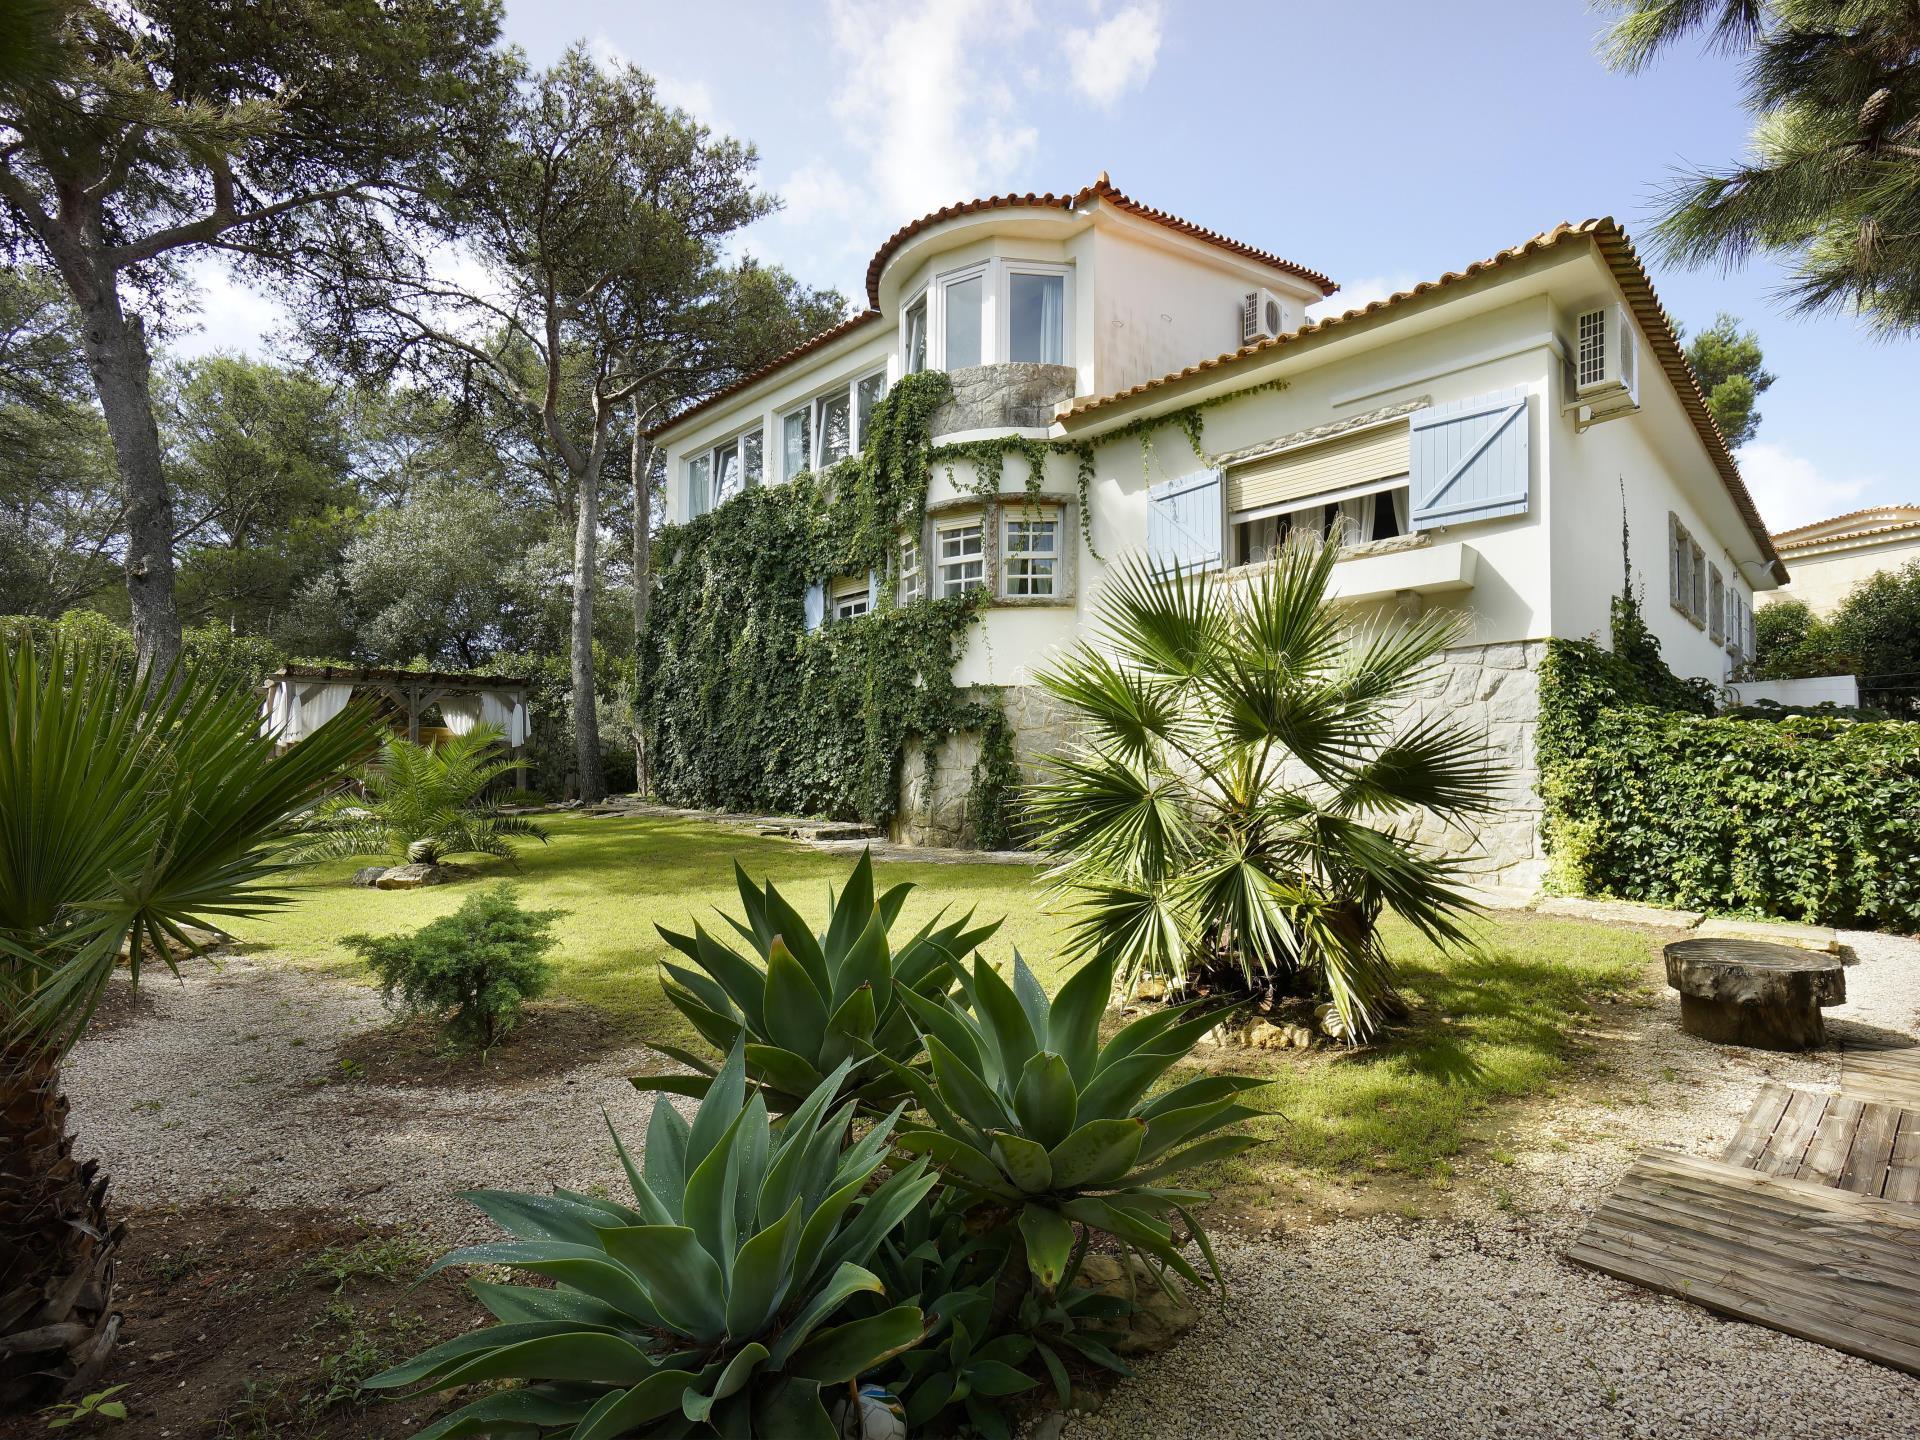 단독 가정 주택 용 매매 에 House, 6 bedrooms, for Sale Cascais, 리스보아 포르투갈